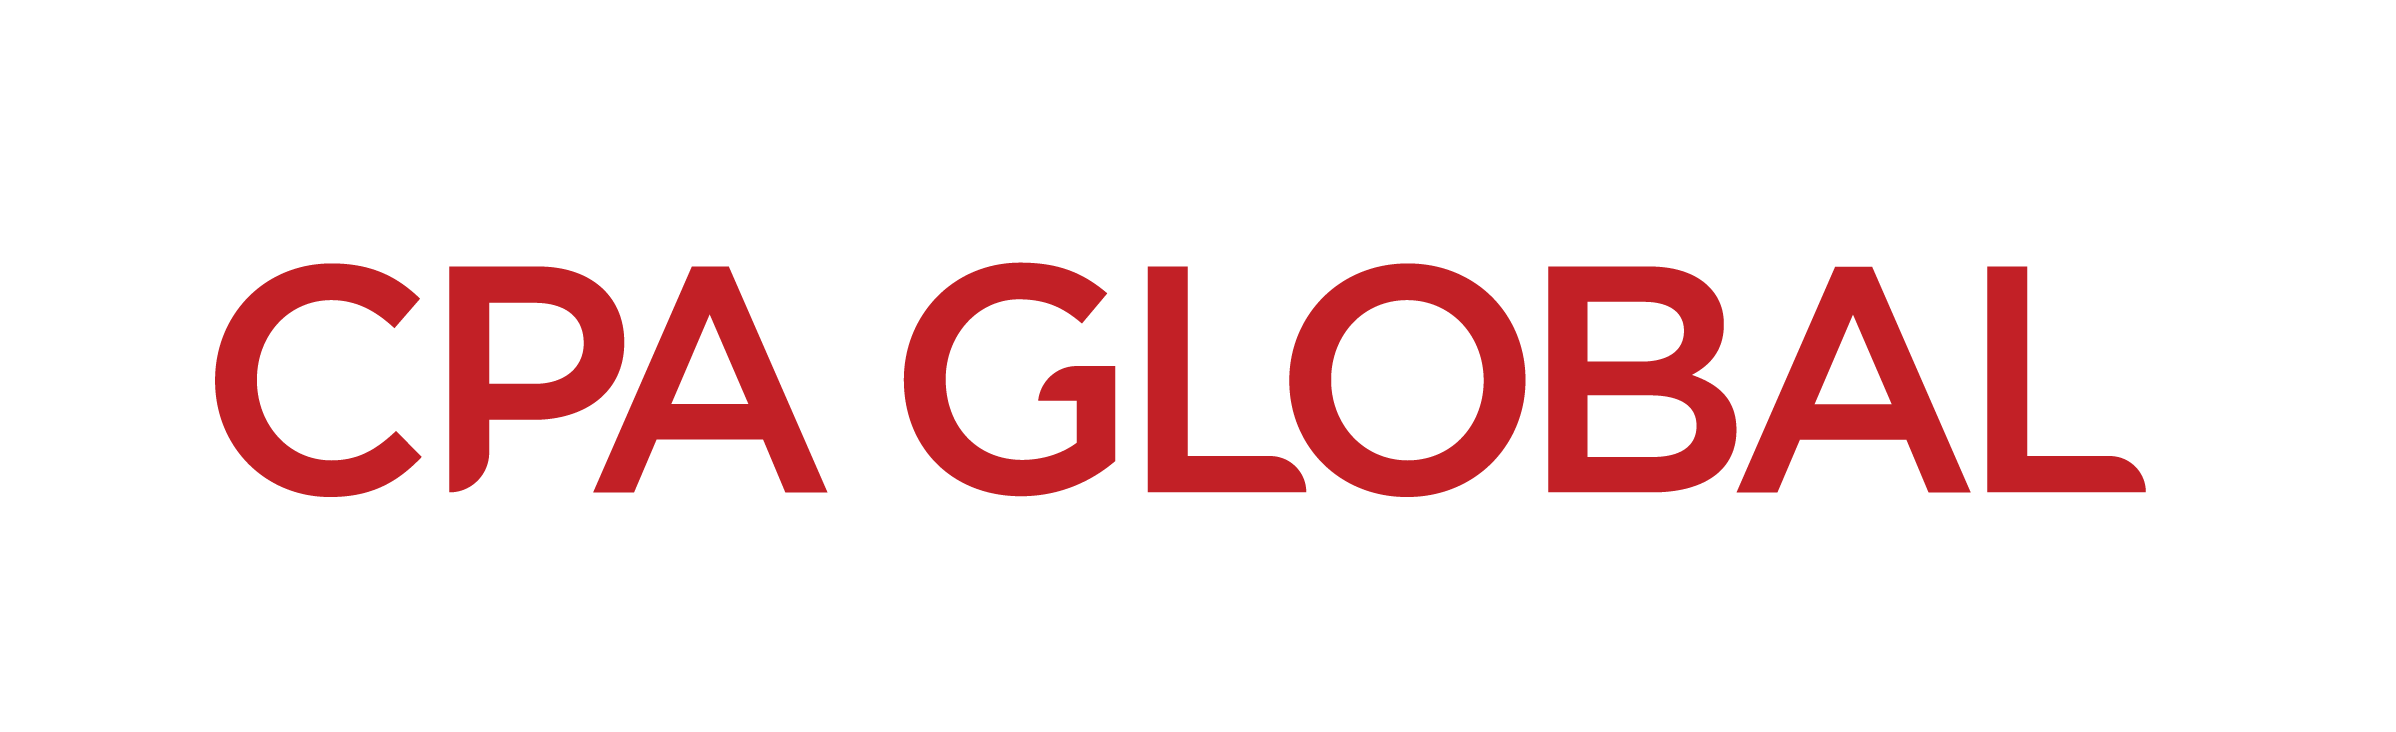 CPA Global - IPBC Global 2019